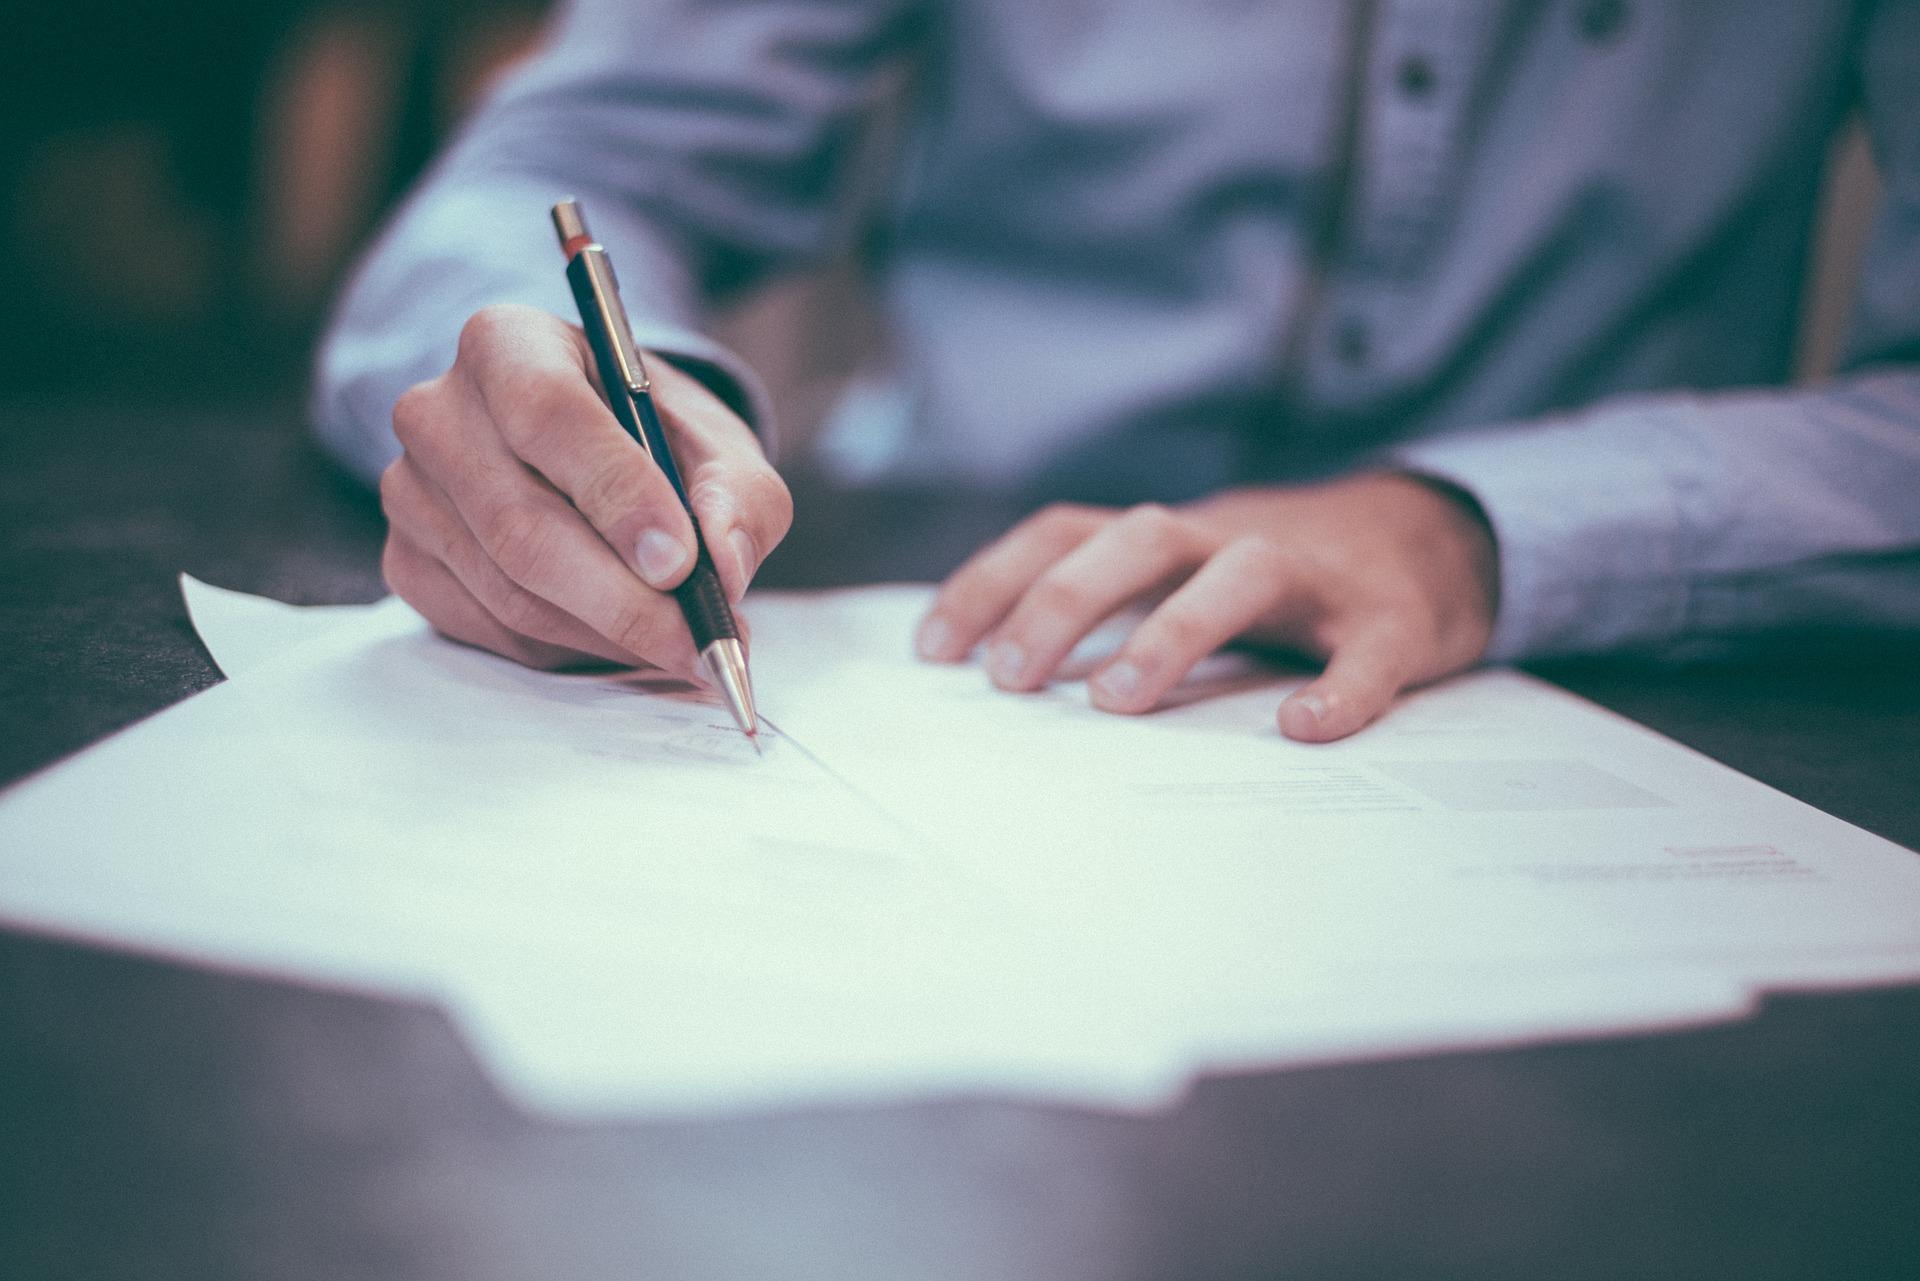 Rückabwicklung bei Lebensversicherungen - wie werde ich meine Versicherung los? LV rückabwickeln lassen von Finhero